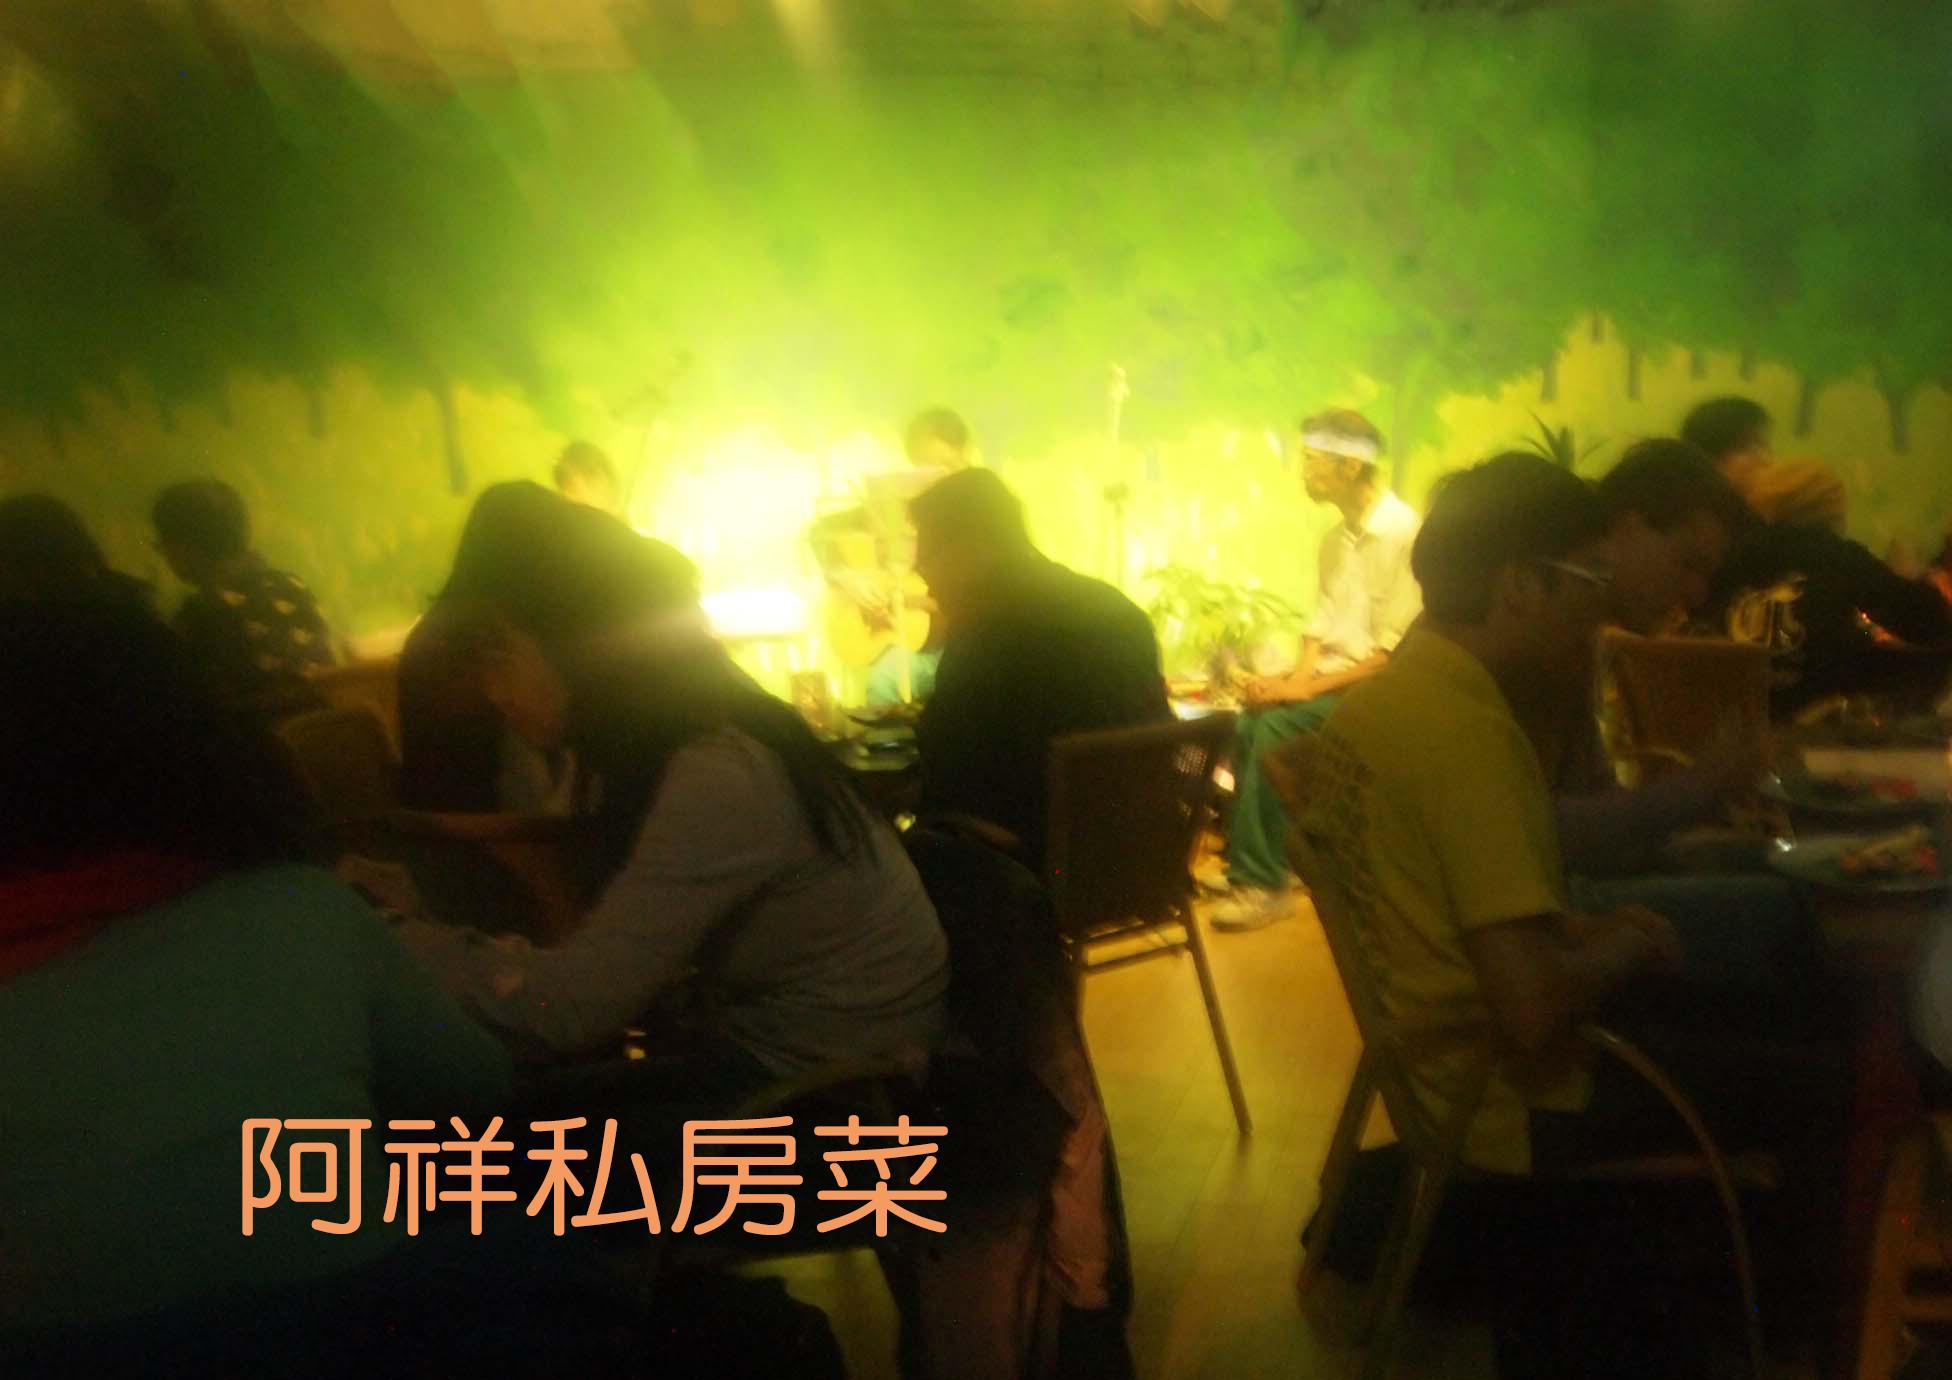 阿祥私房菜 a.jpg